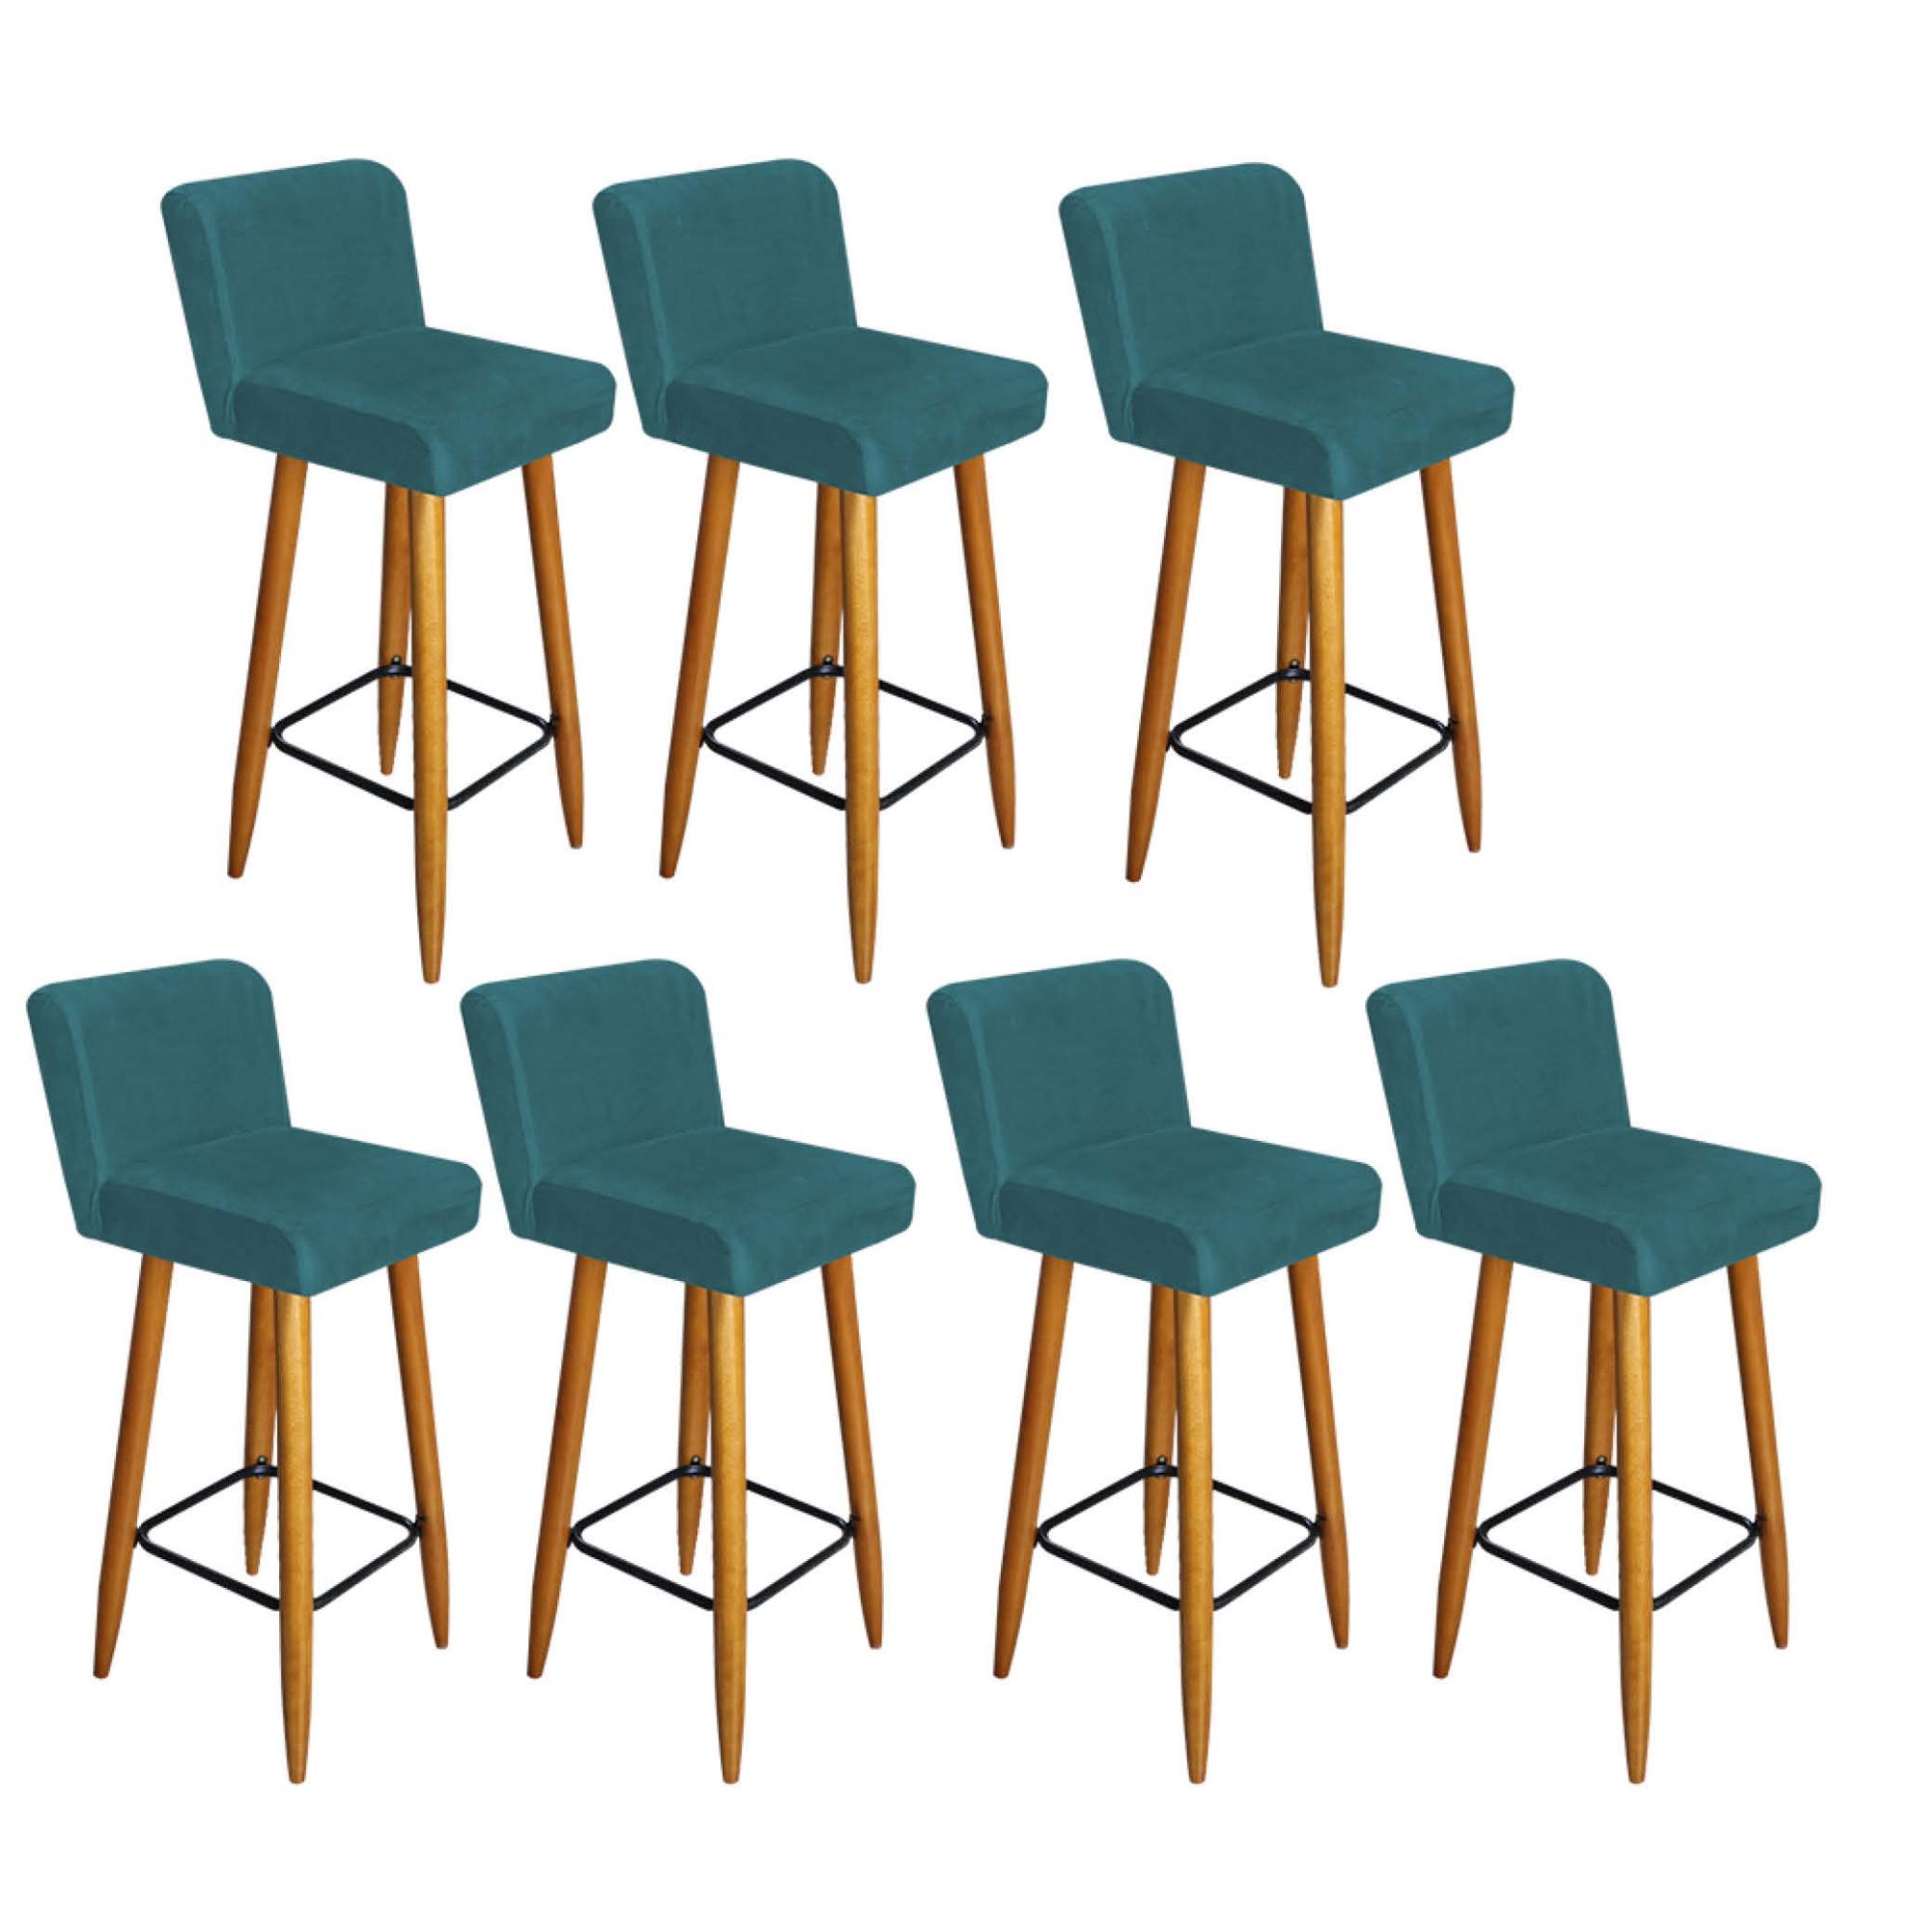 Kit 07 Banquetas Lara Com Encosto Para Balcão e Cozinha Bistrô Suede Azul Turquesa Com Pés Palito Castanho -Bela Casa Sh